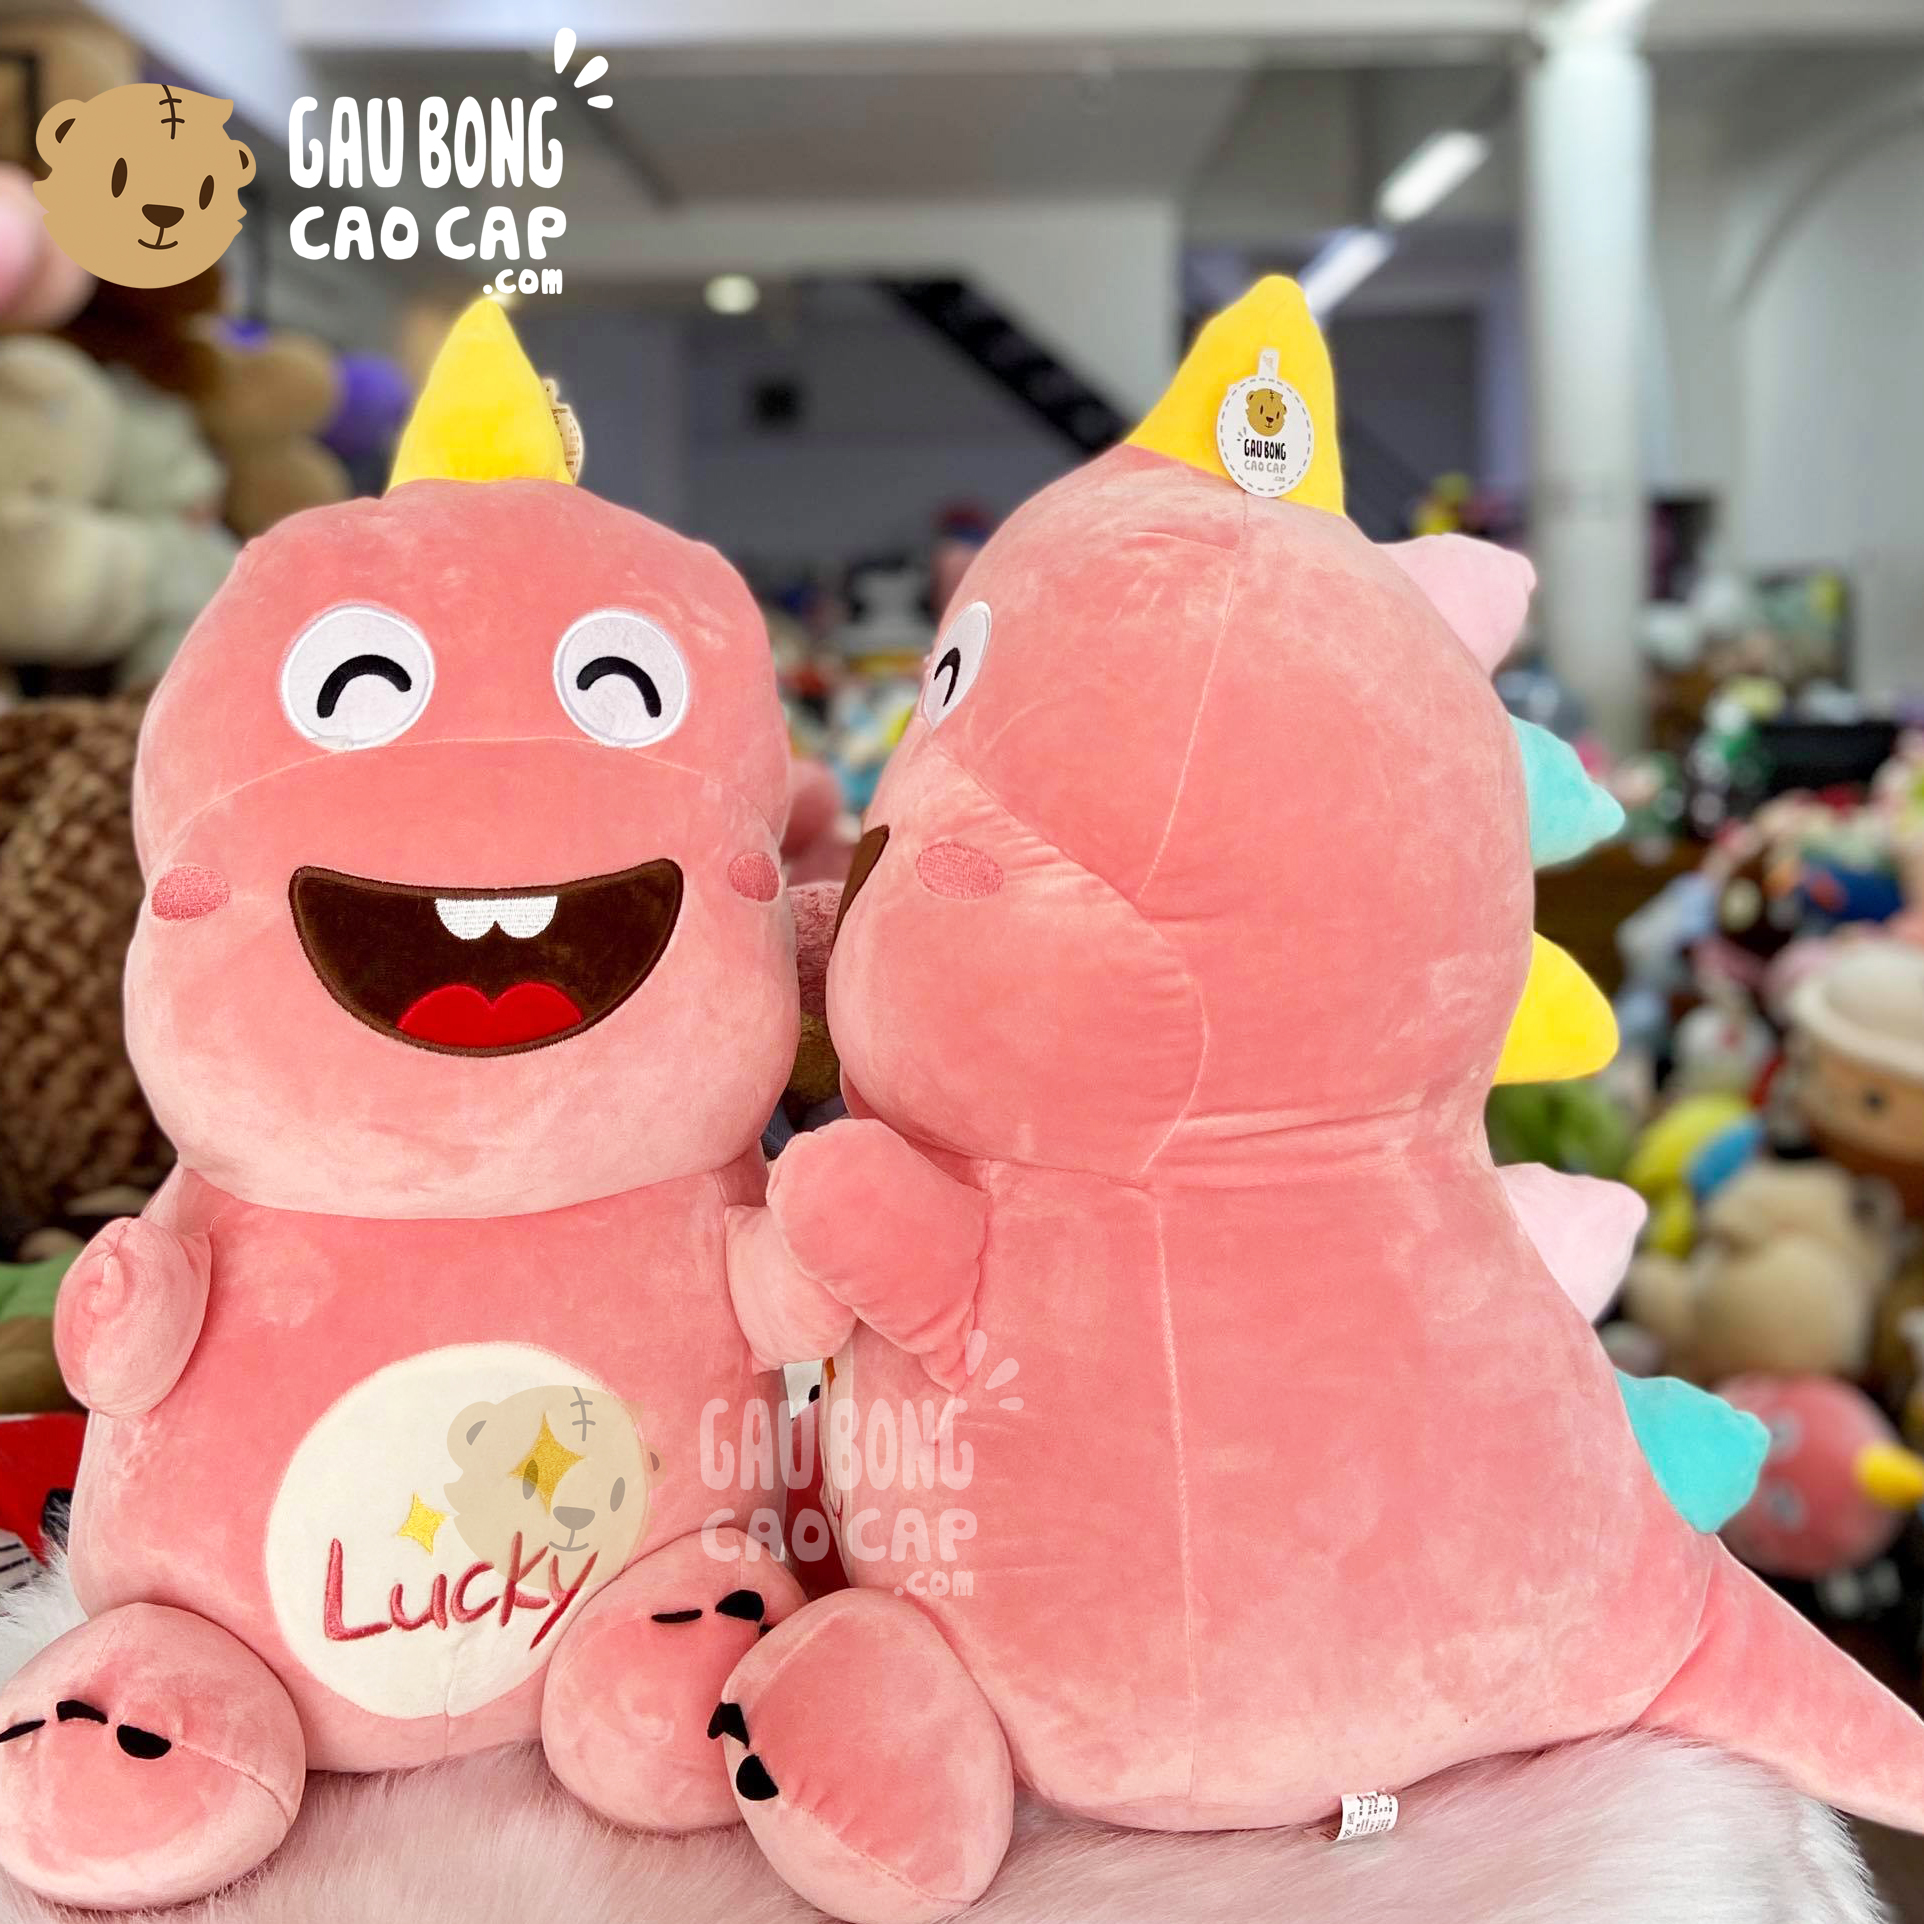 Gấu Bông Khủng Long lucky cười tươi